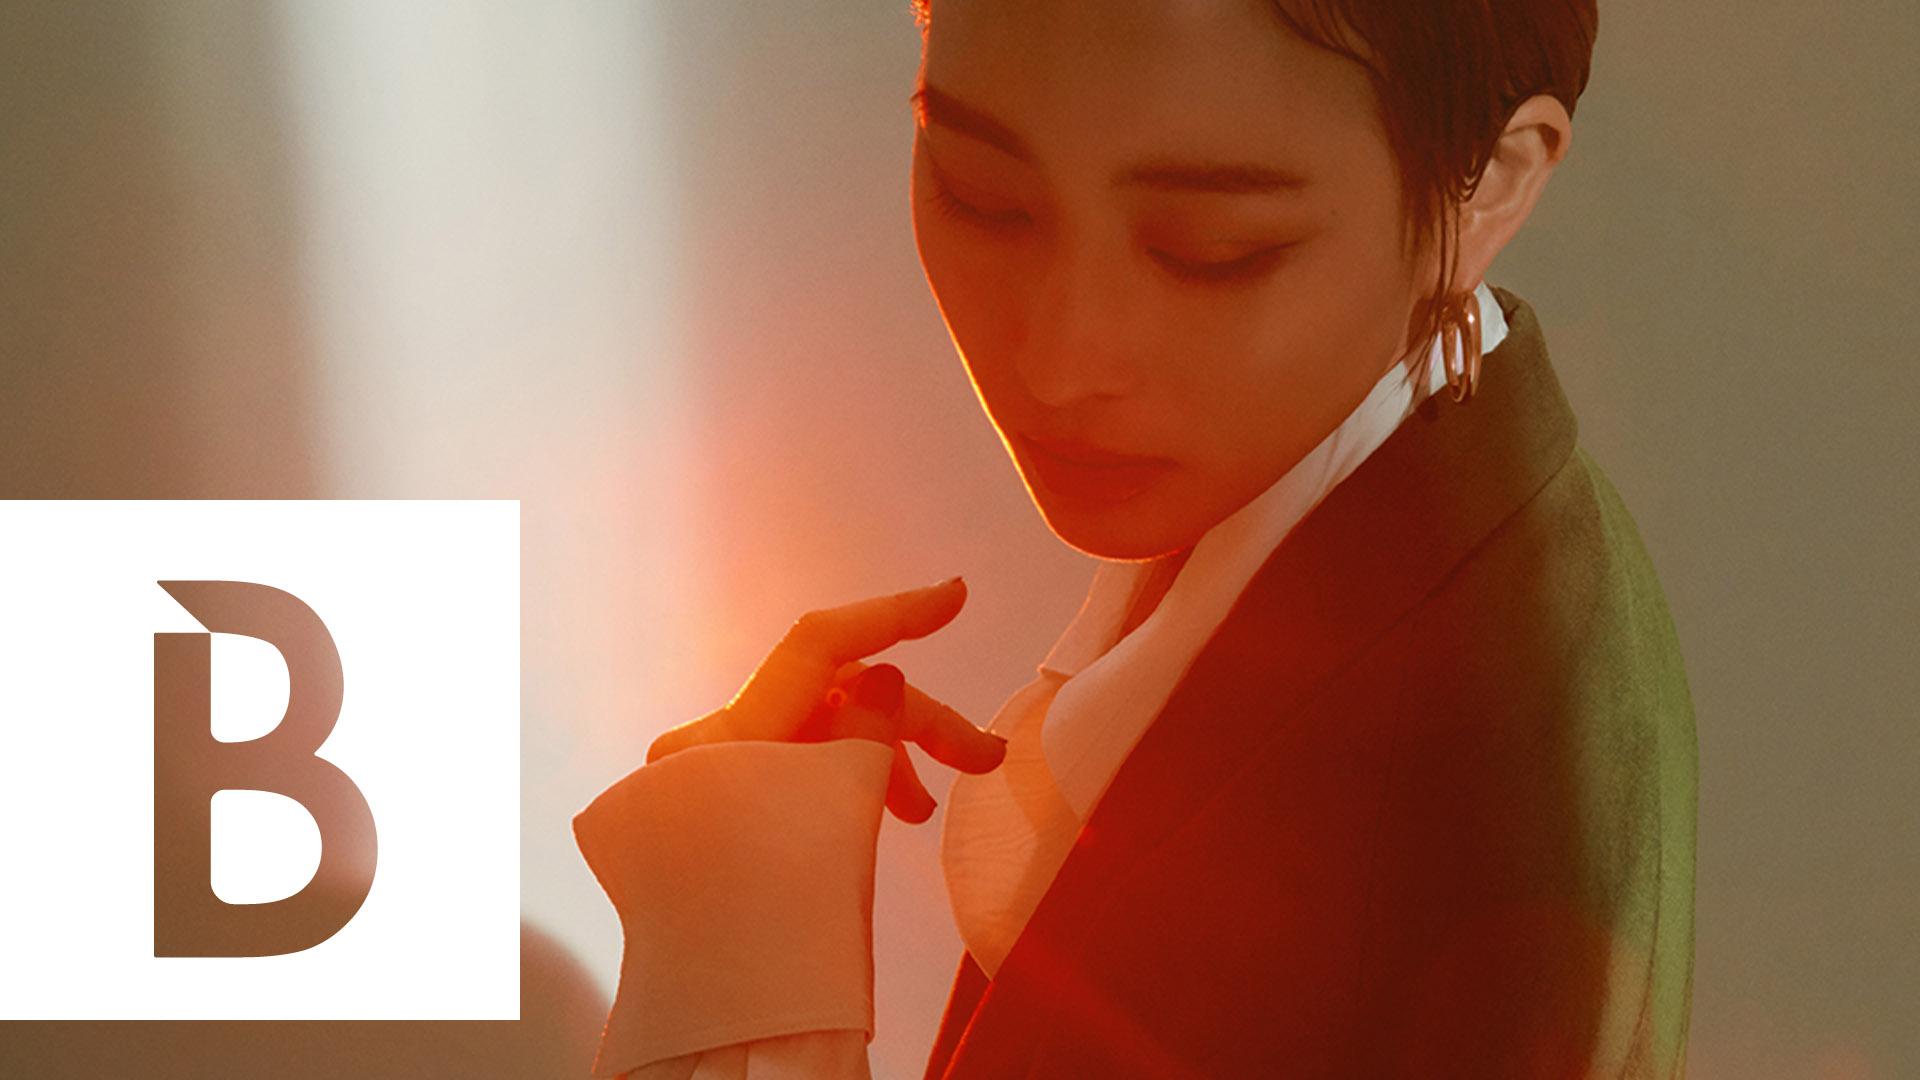 【封面人物】人生不難,解決就好!張鈞甯:「我擁抱所有未來的不確定,我很喜歡這種未知。」| Bella Taiwan